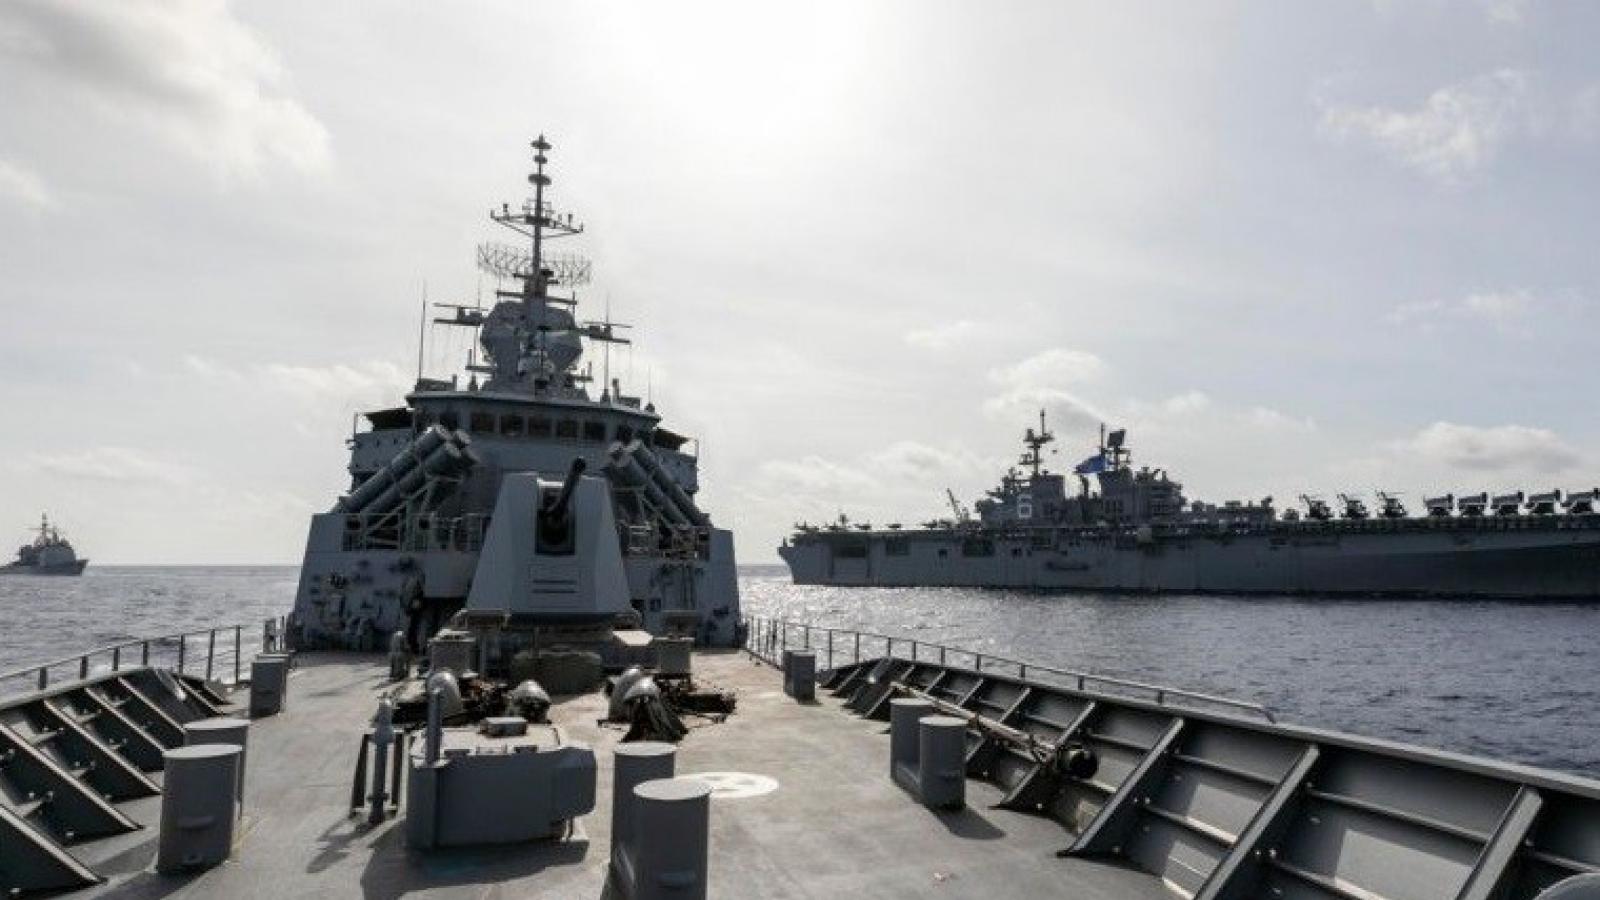 Tàu chiến Australia đối đầu với Hải quân Trung Quốc trên Biển Đông